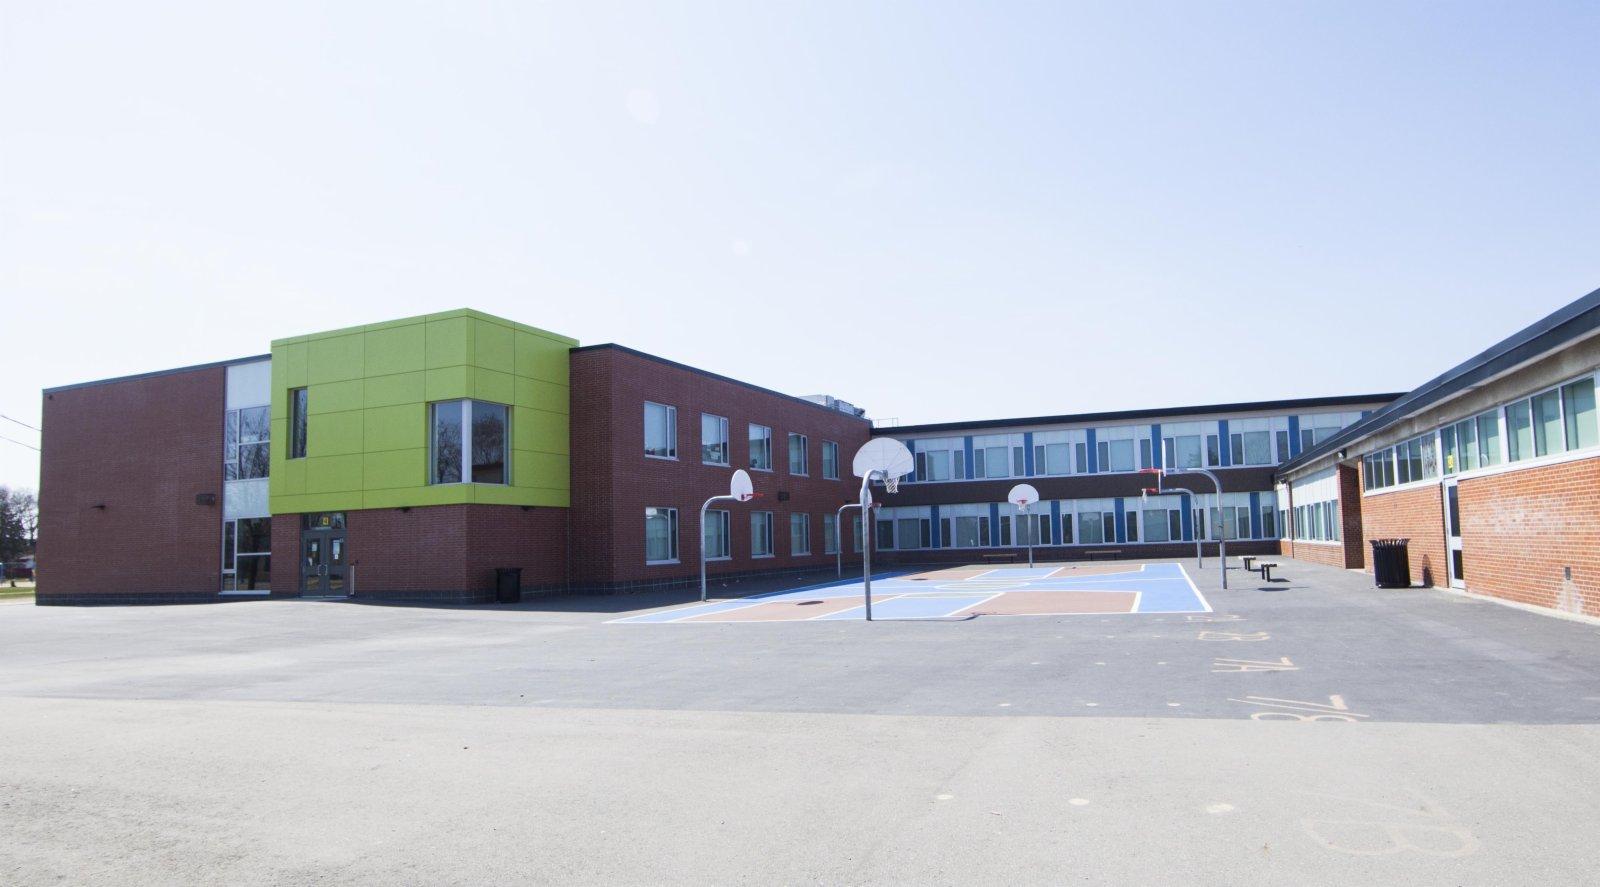 這是4月7日在加拿大多倫多拍攝的一所關閉的學校。(新華社)